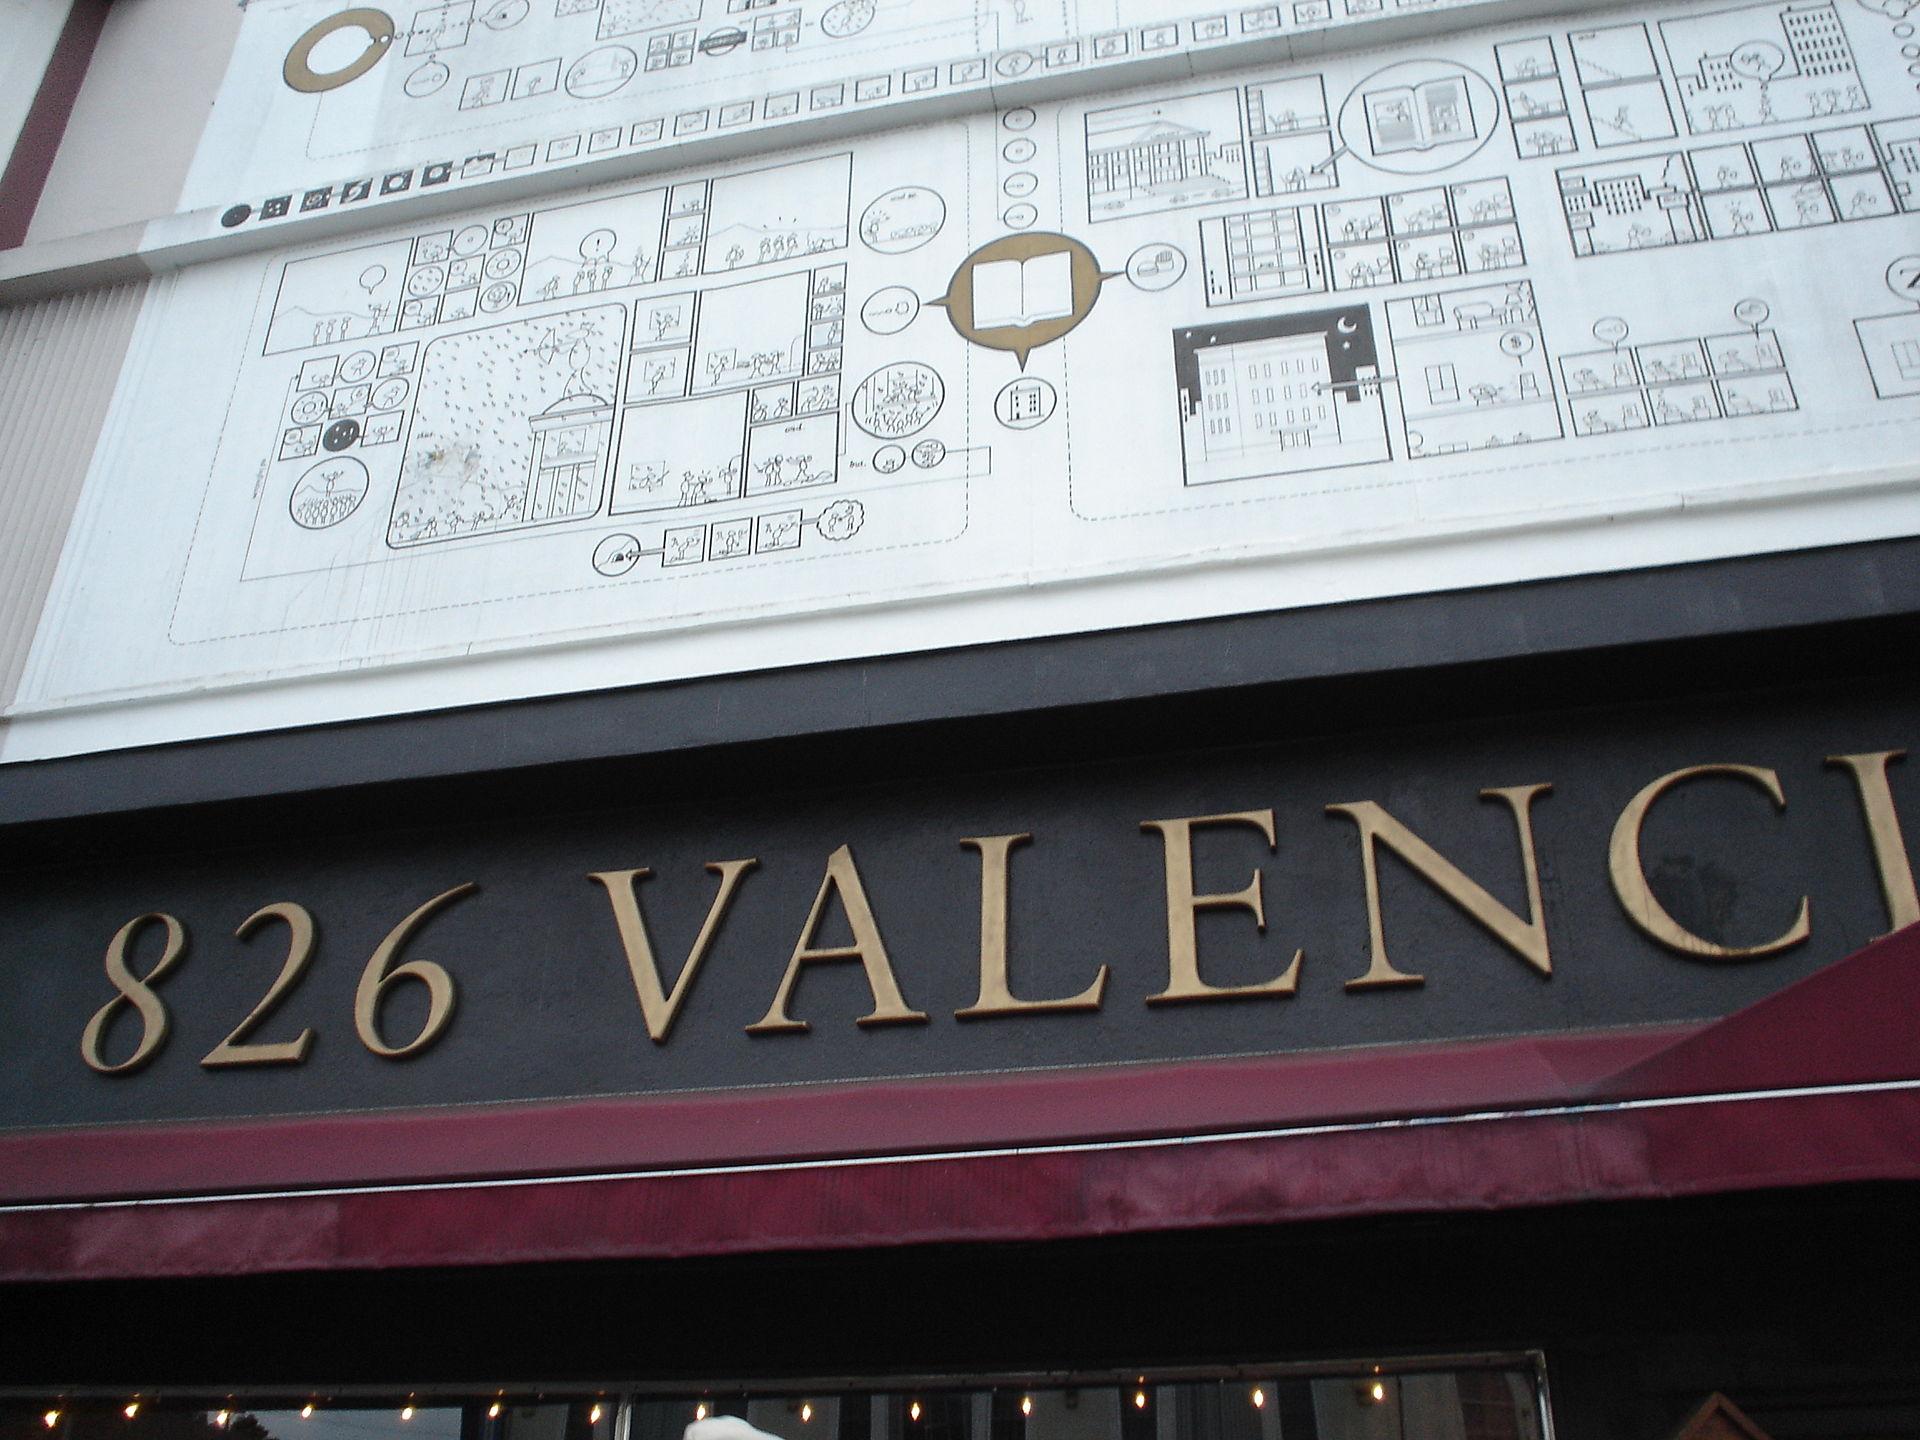 826 valencia wikipedia On 826 valencia mural